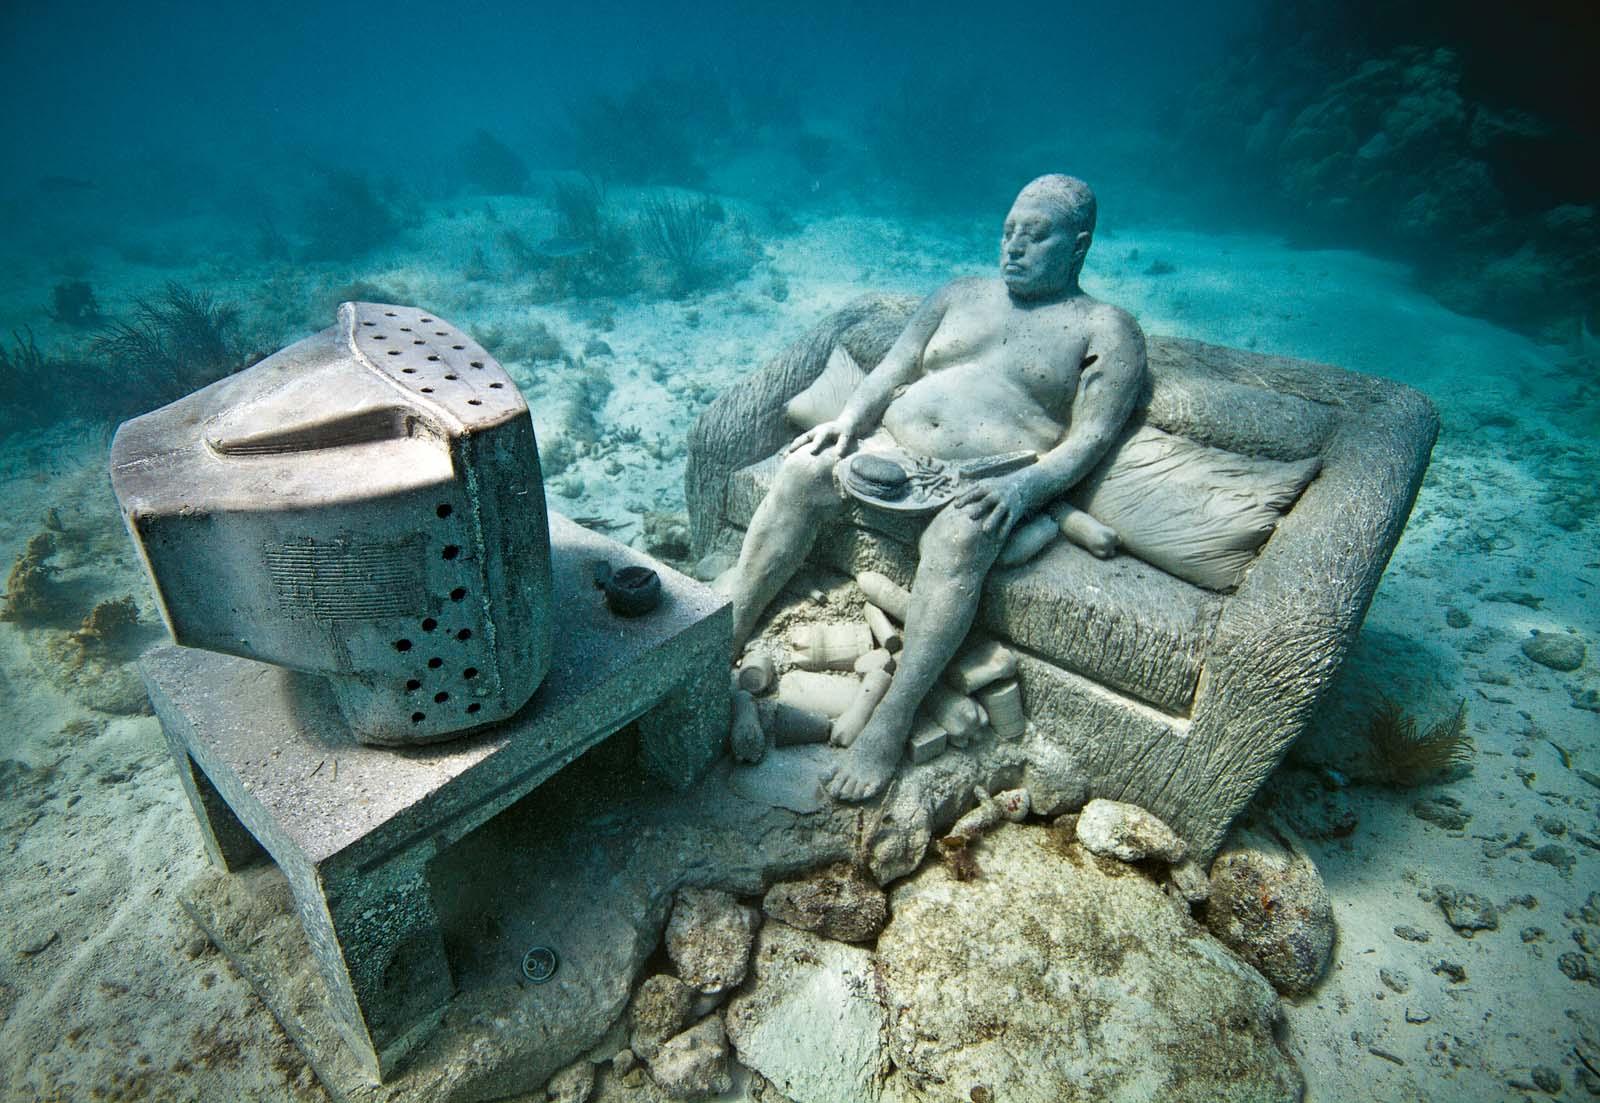 Картинки по запросу подводный музей с сотнями скульптур